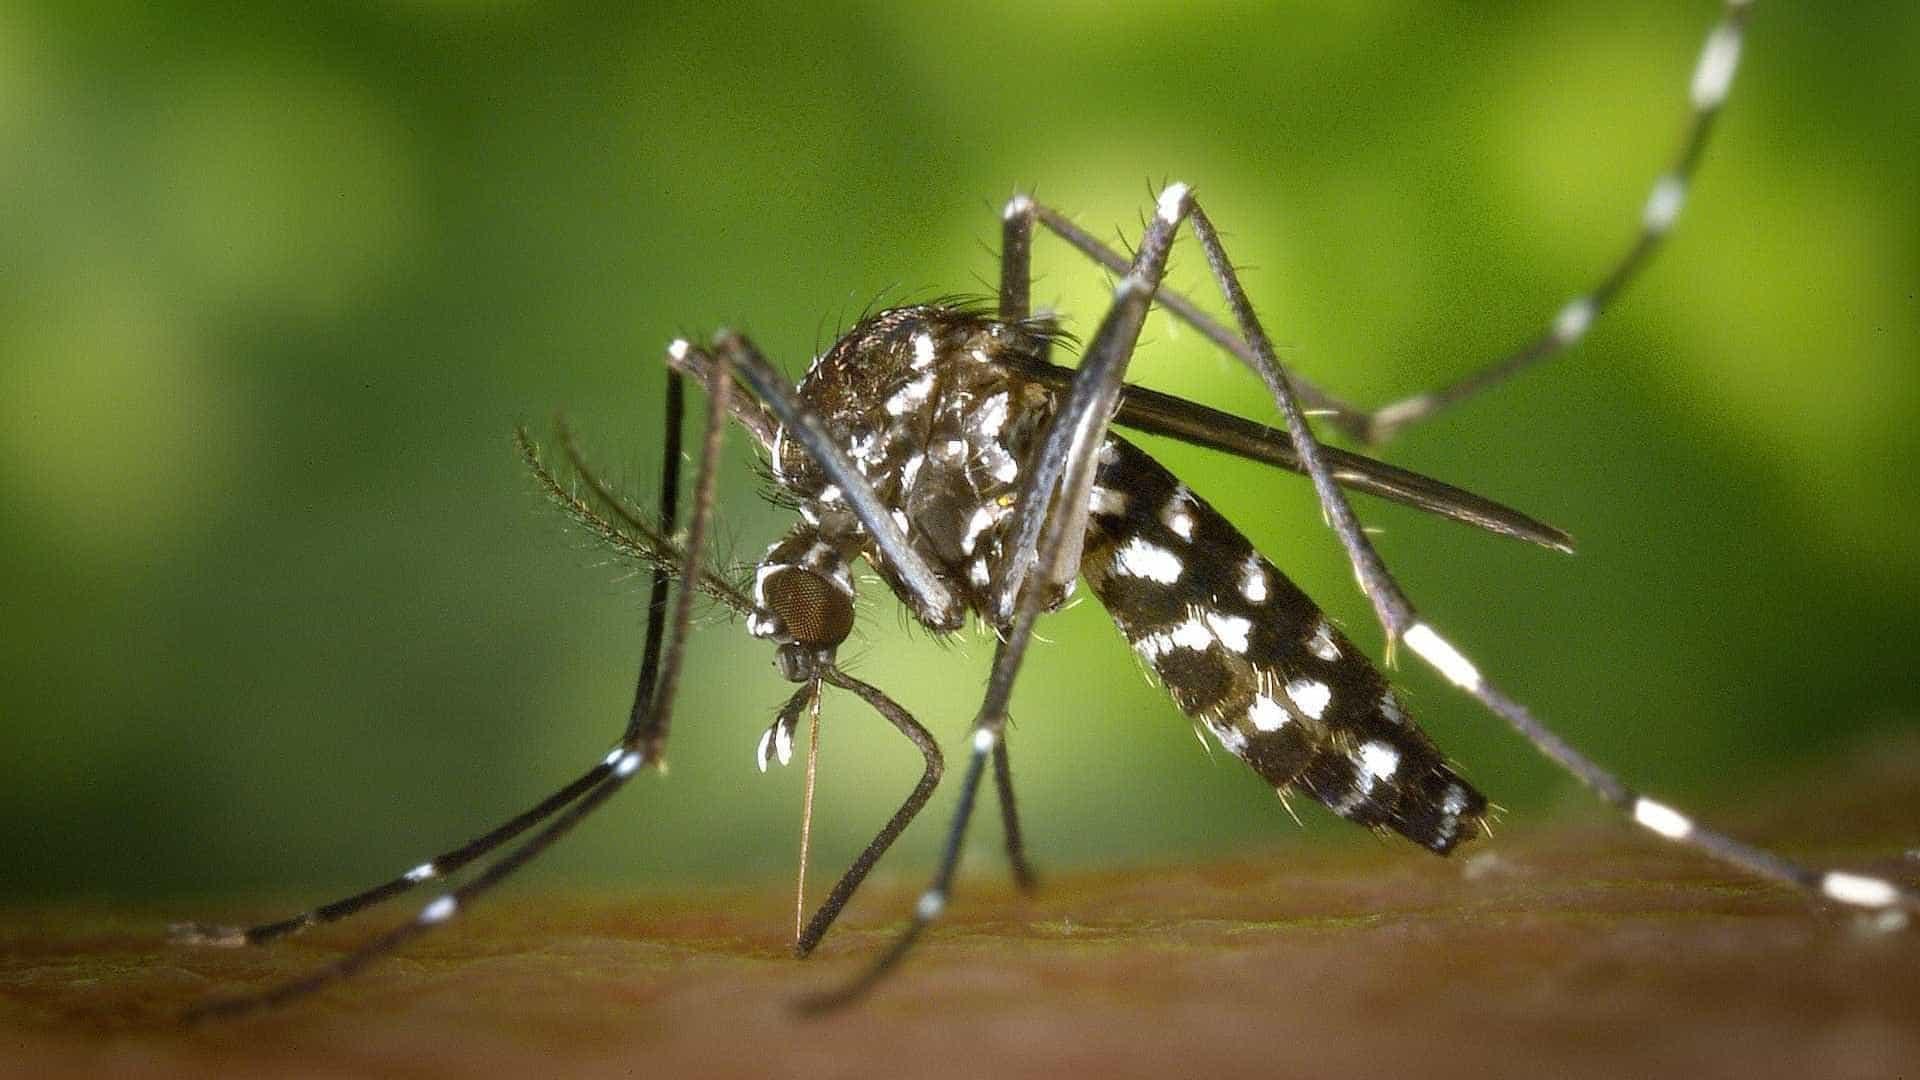 Chikungunya passou despercebido no país durante um ano, aponta estudo